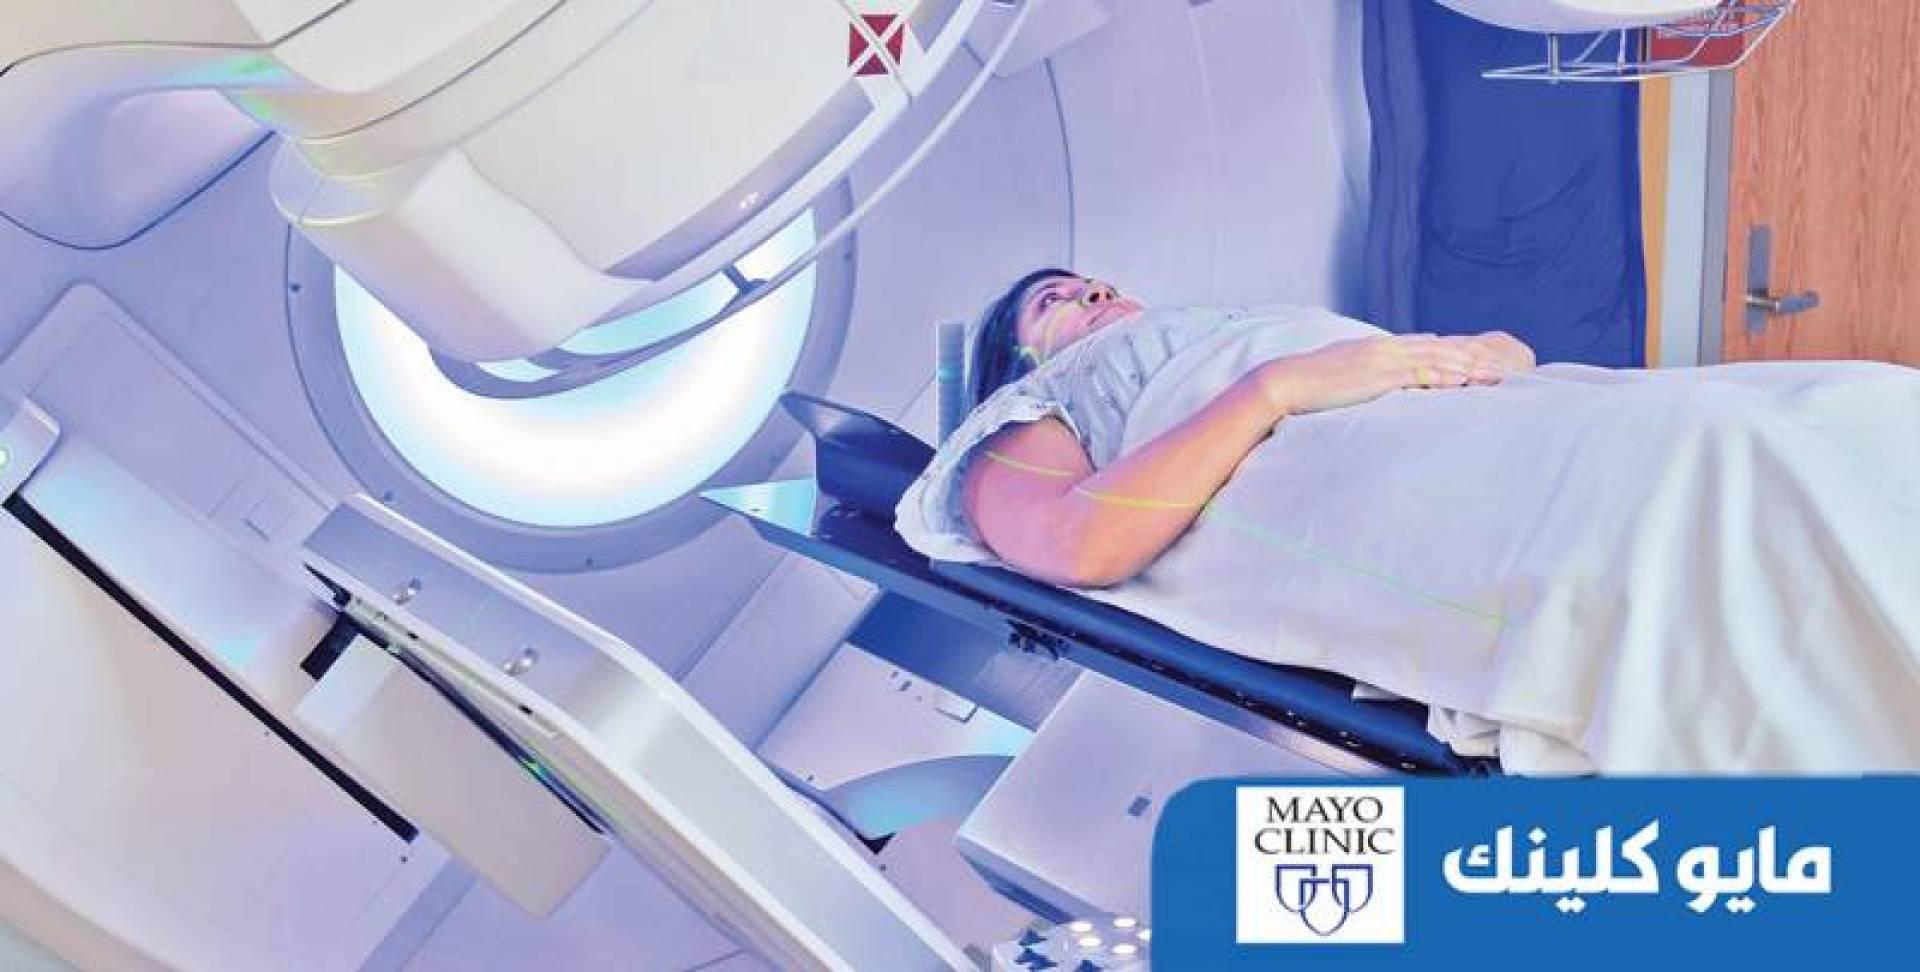 العلاج الإشعاعي لسرطان الثدي يسيطر على الورم.. ويُسكن الألم